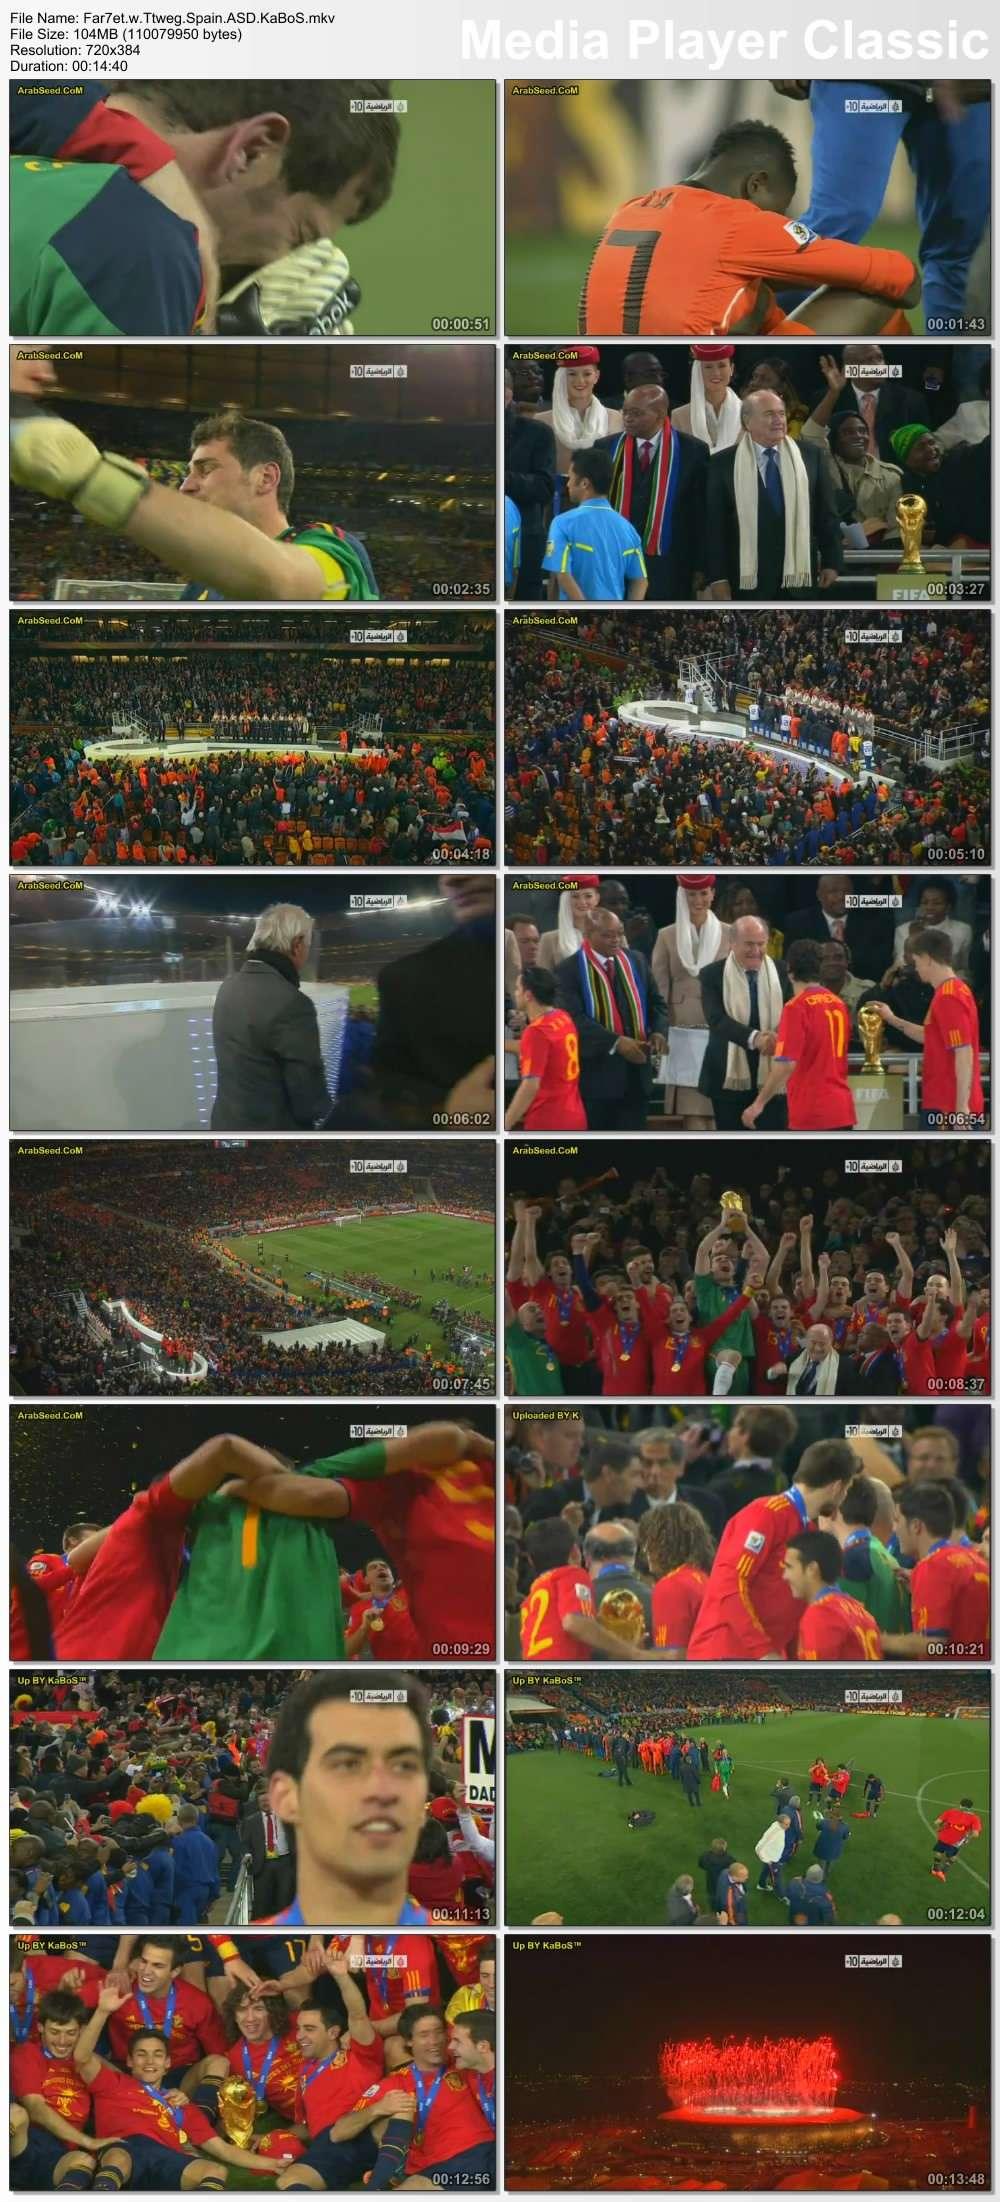 تحميل حفل تتويج منتخب اسبانيا بكاس العالم و فرحة لاعبى اسبانيا 512